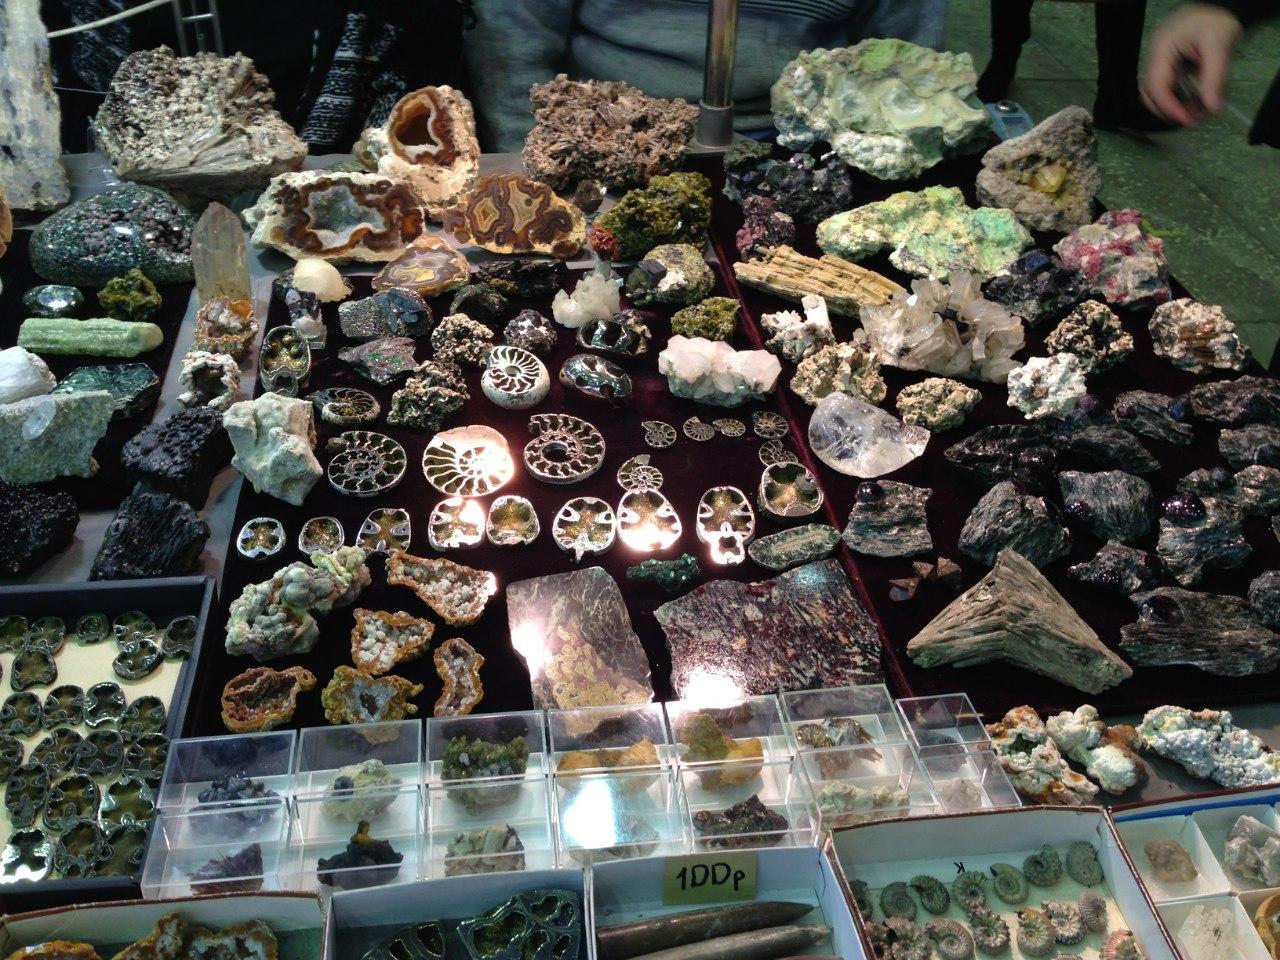 Внимание всем любителям минералов! BQ5jtkTeDH8